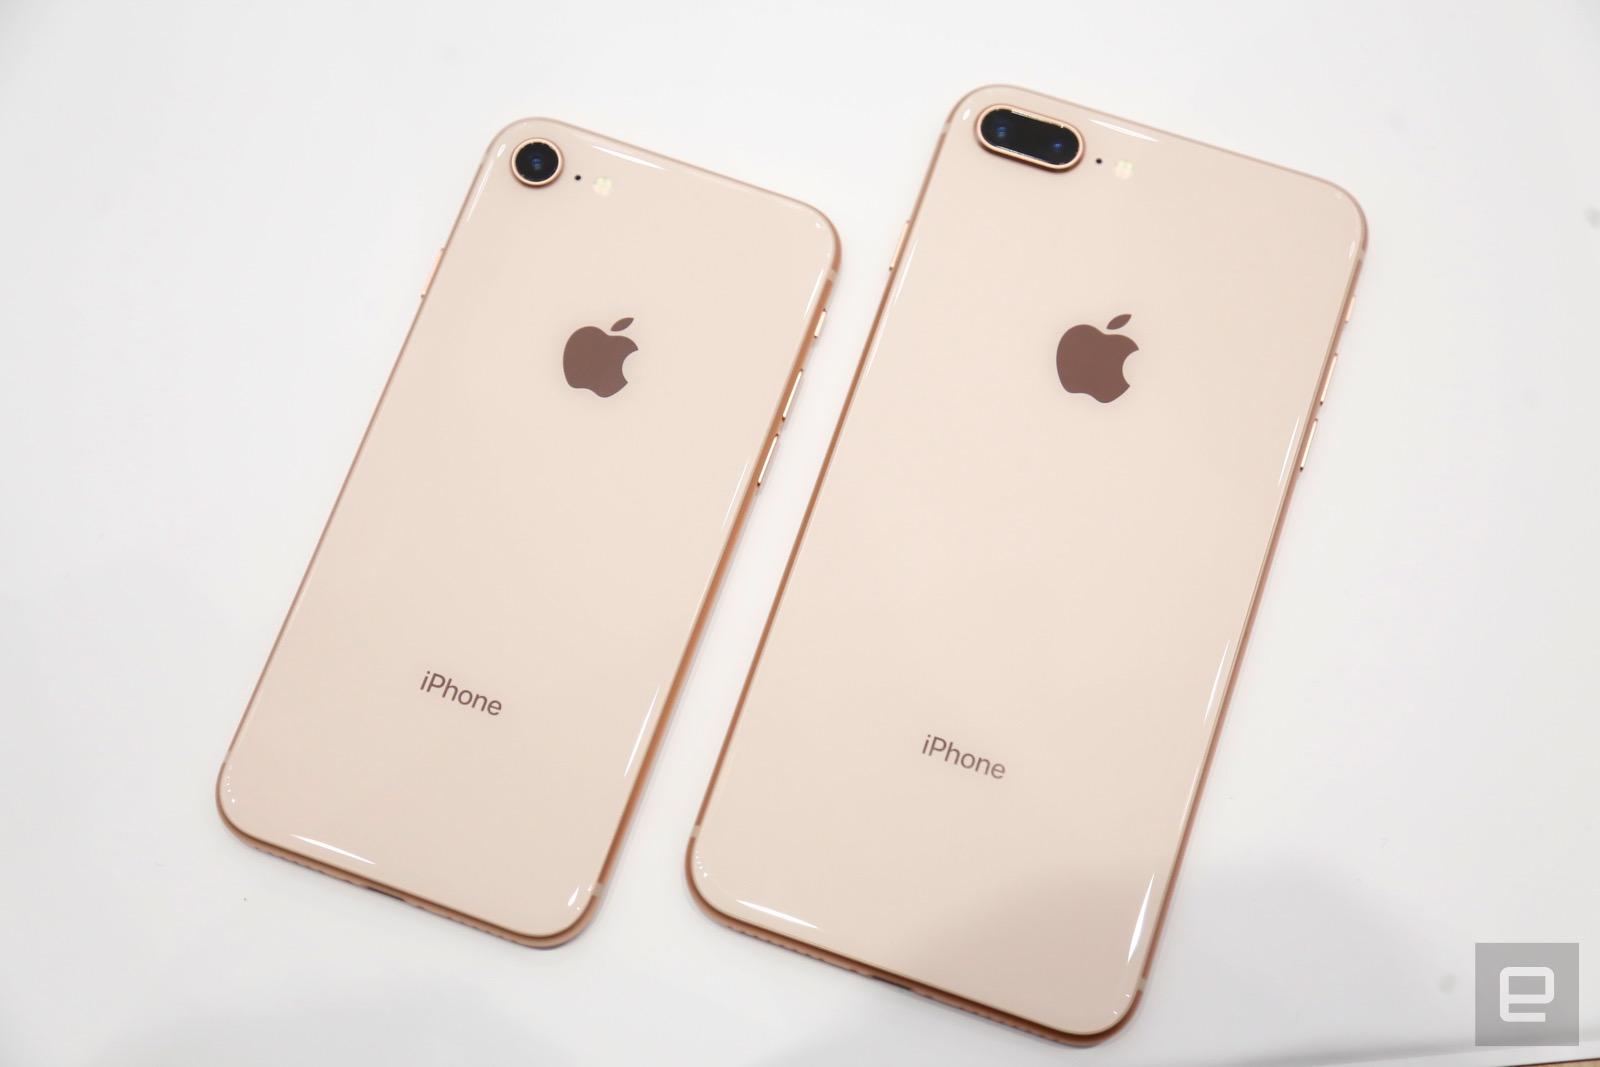 Los iPhone 8 y 8 Plus posan para ti: ¿demasiado familiar lo que ves?